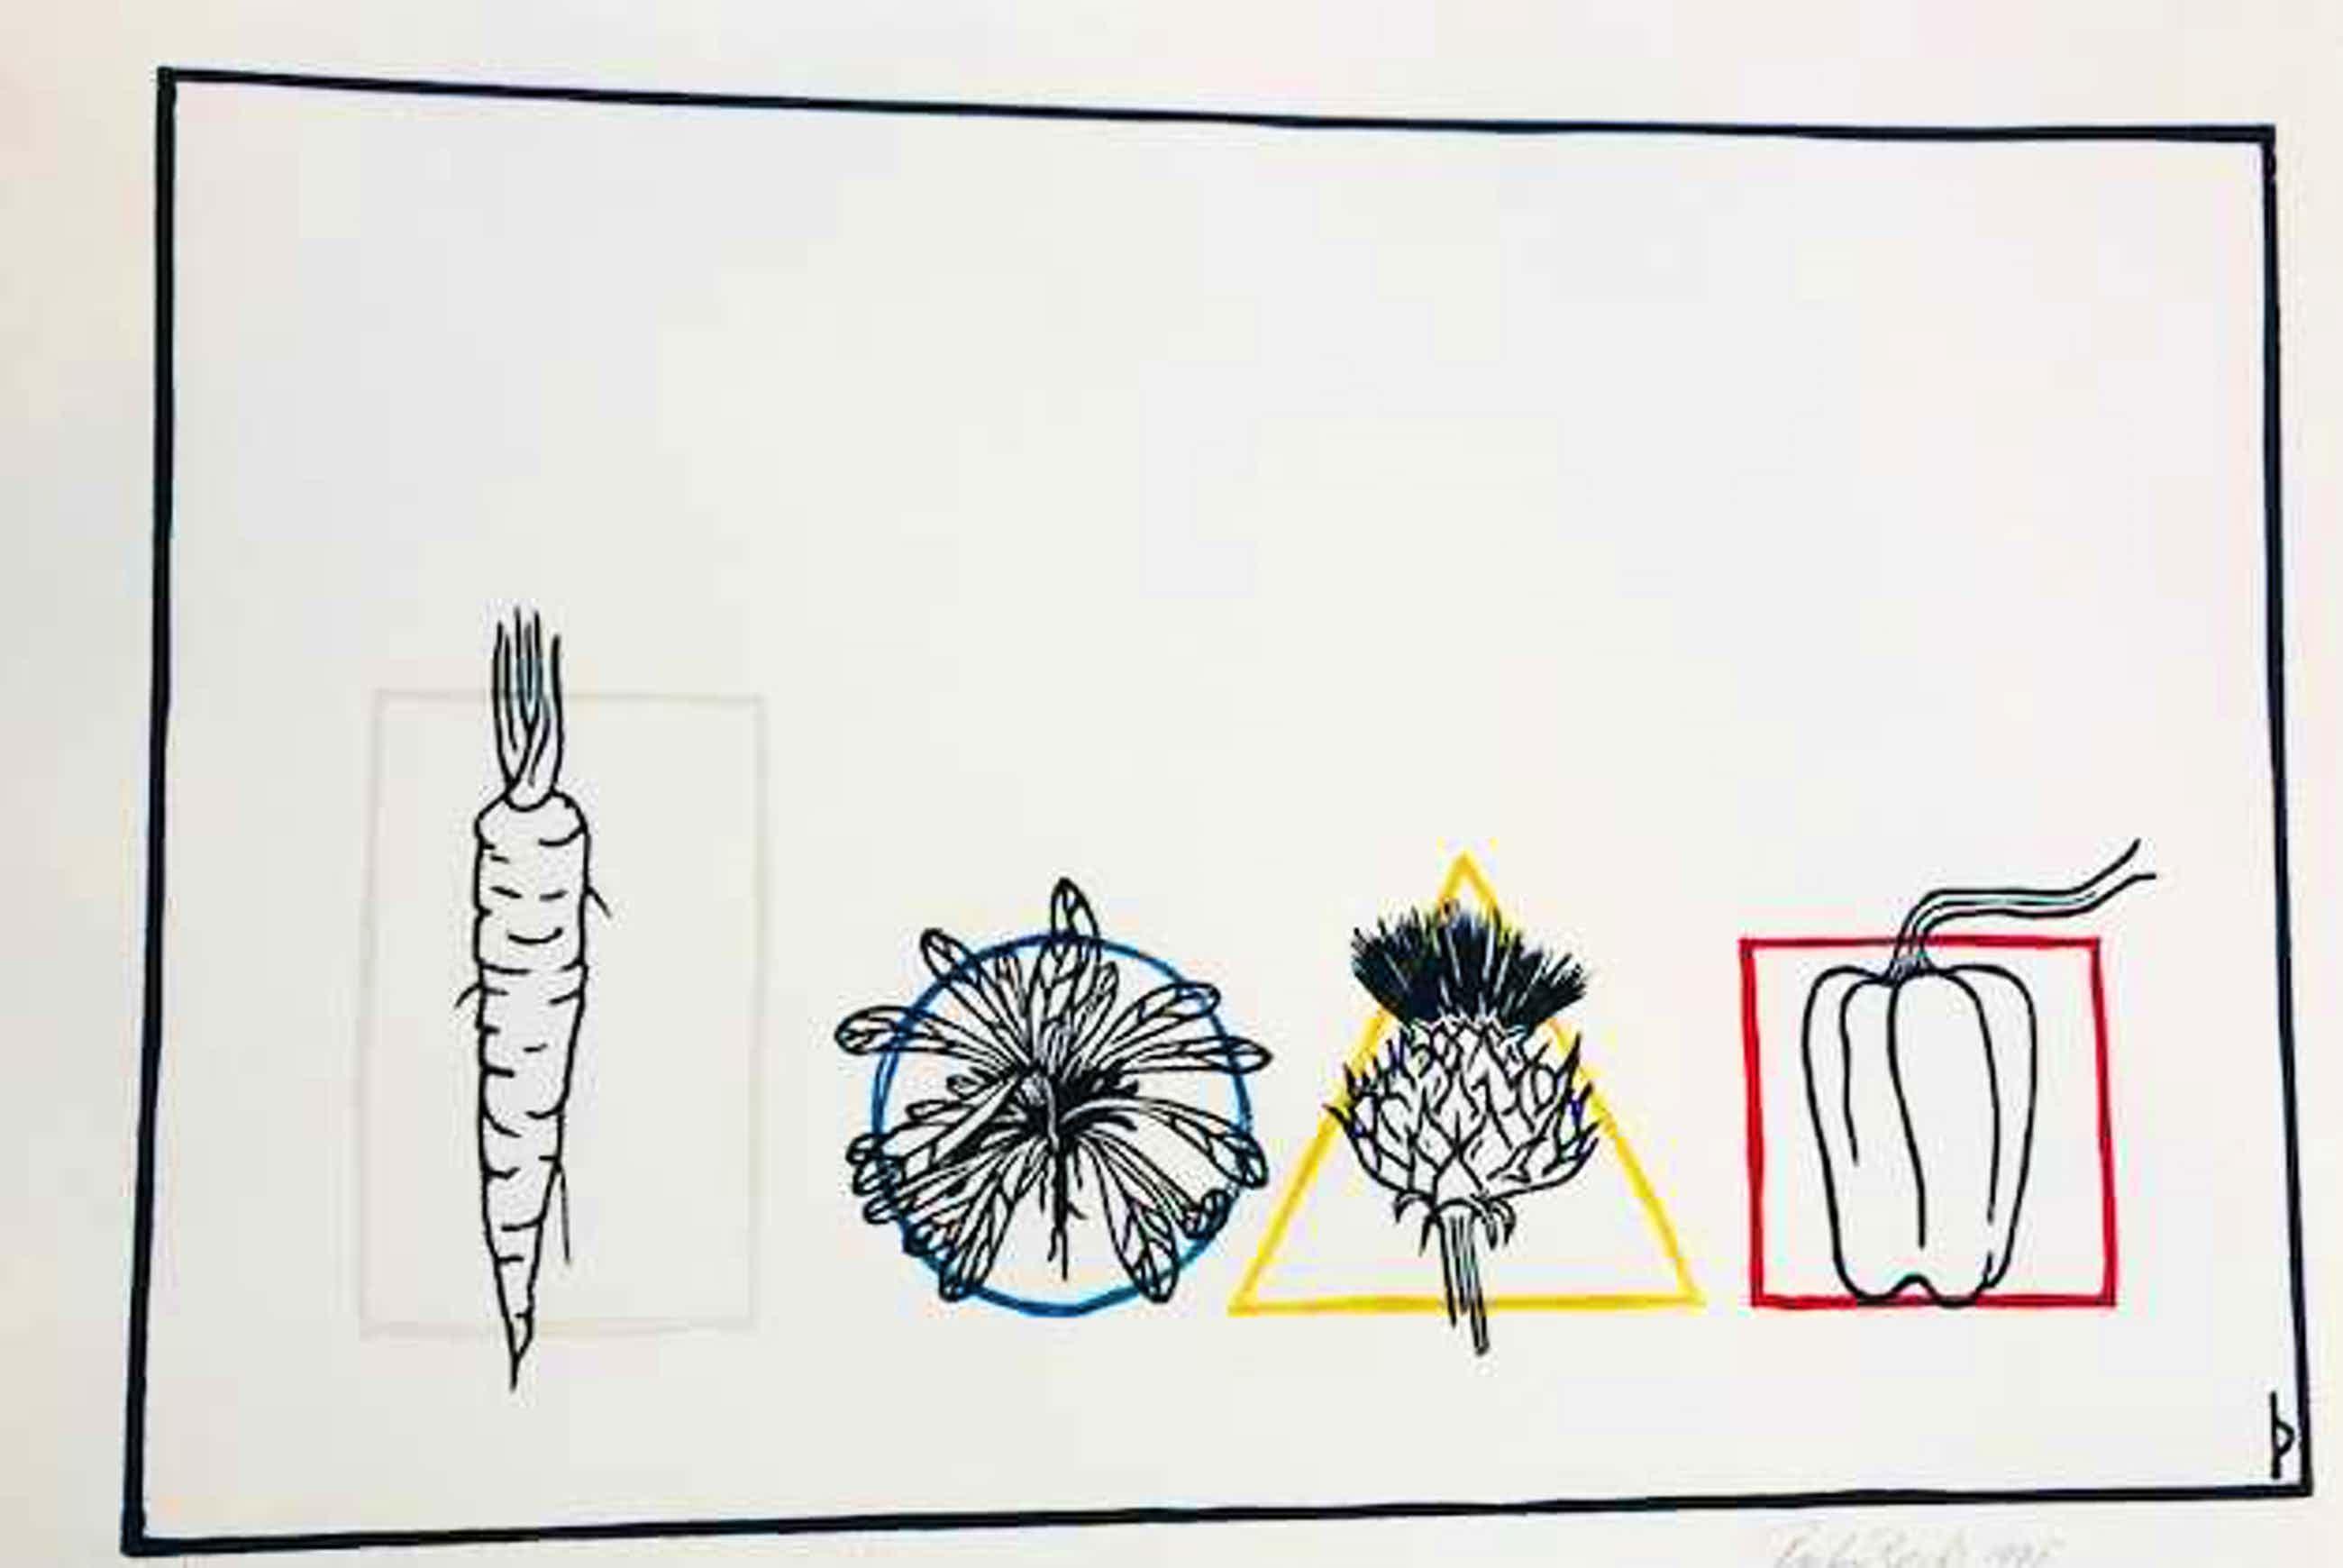 Pieter Becks - rechthoek, cirkel, driehoek, vierkant kopen? Bied vanaf 65!